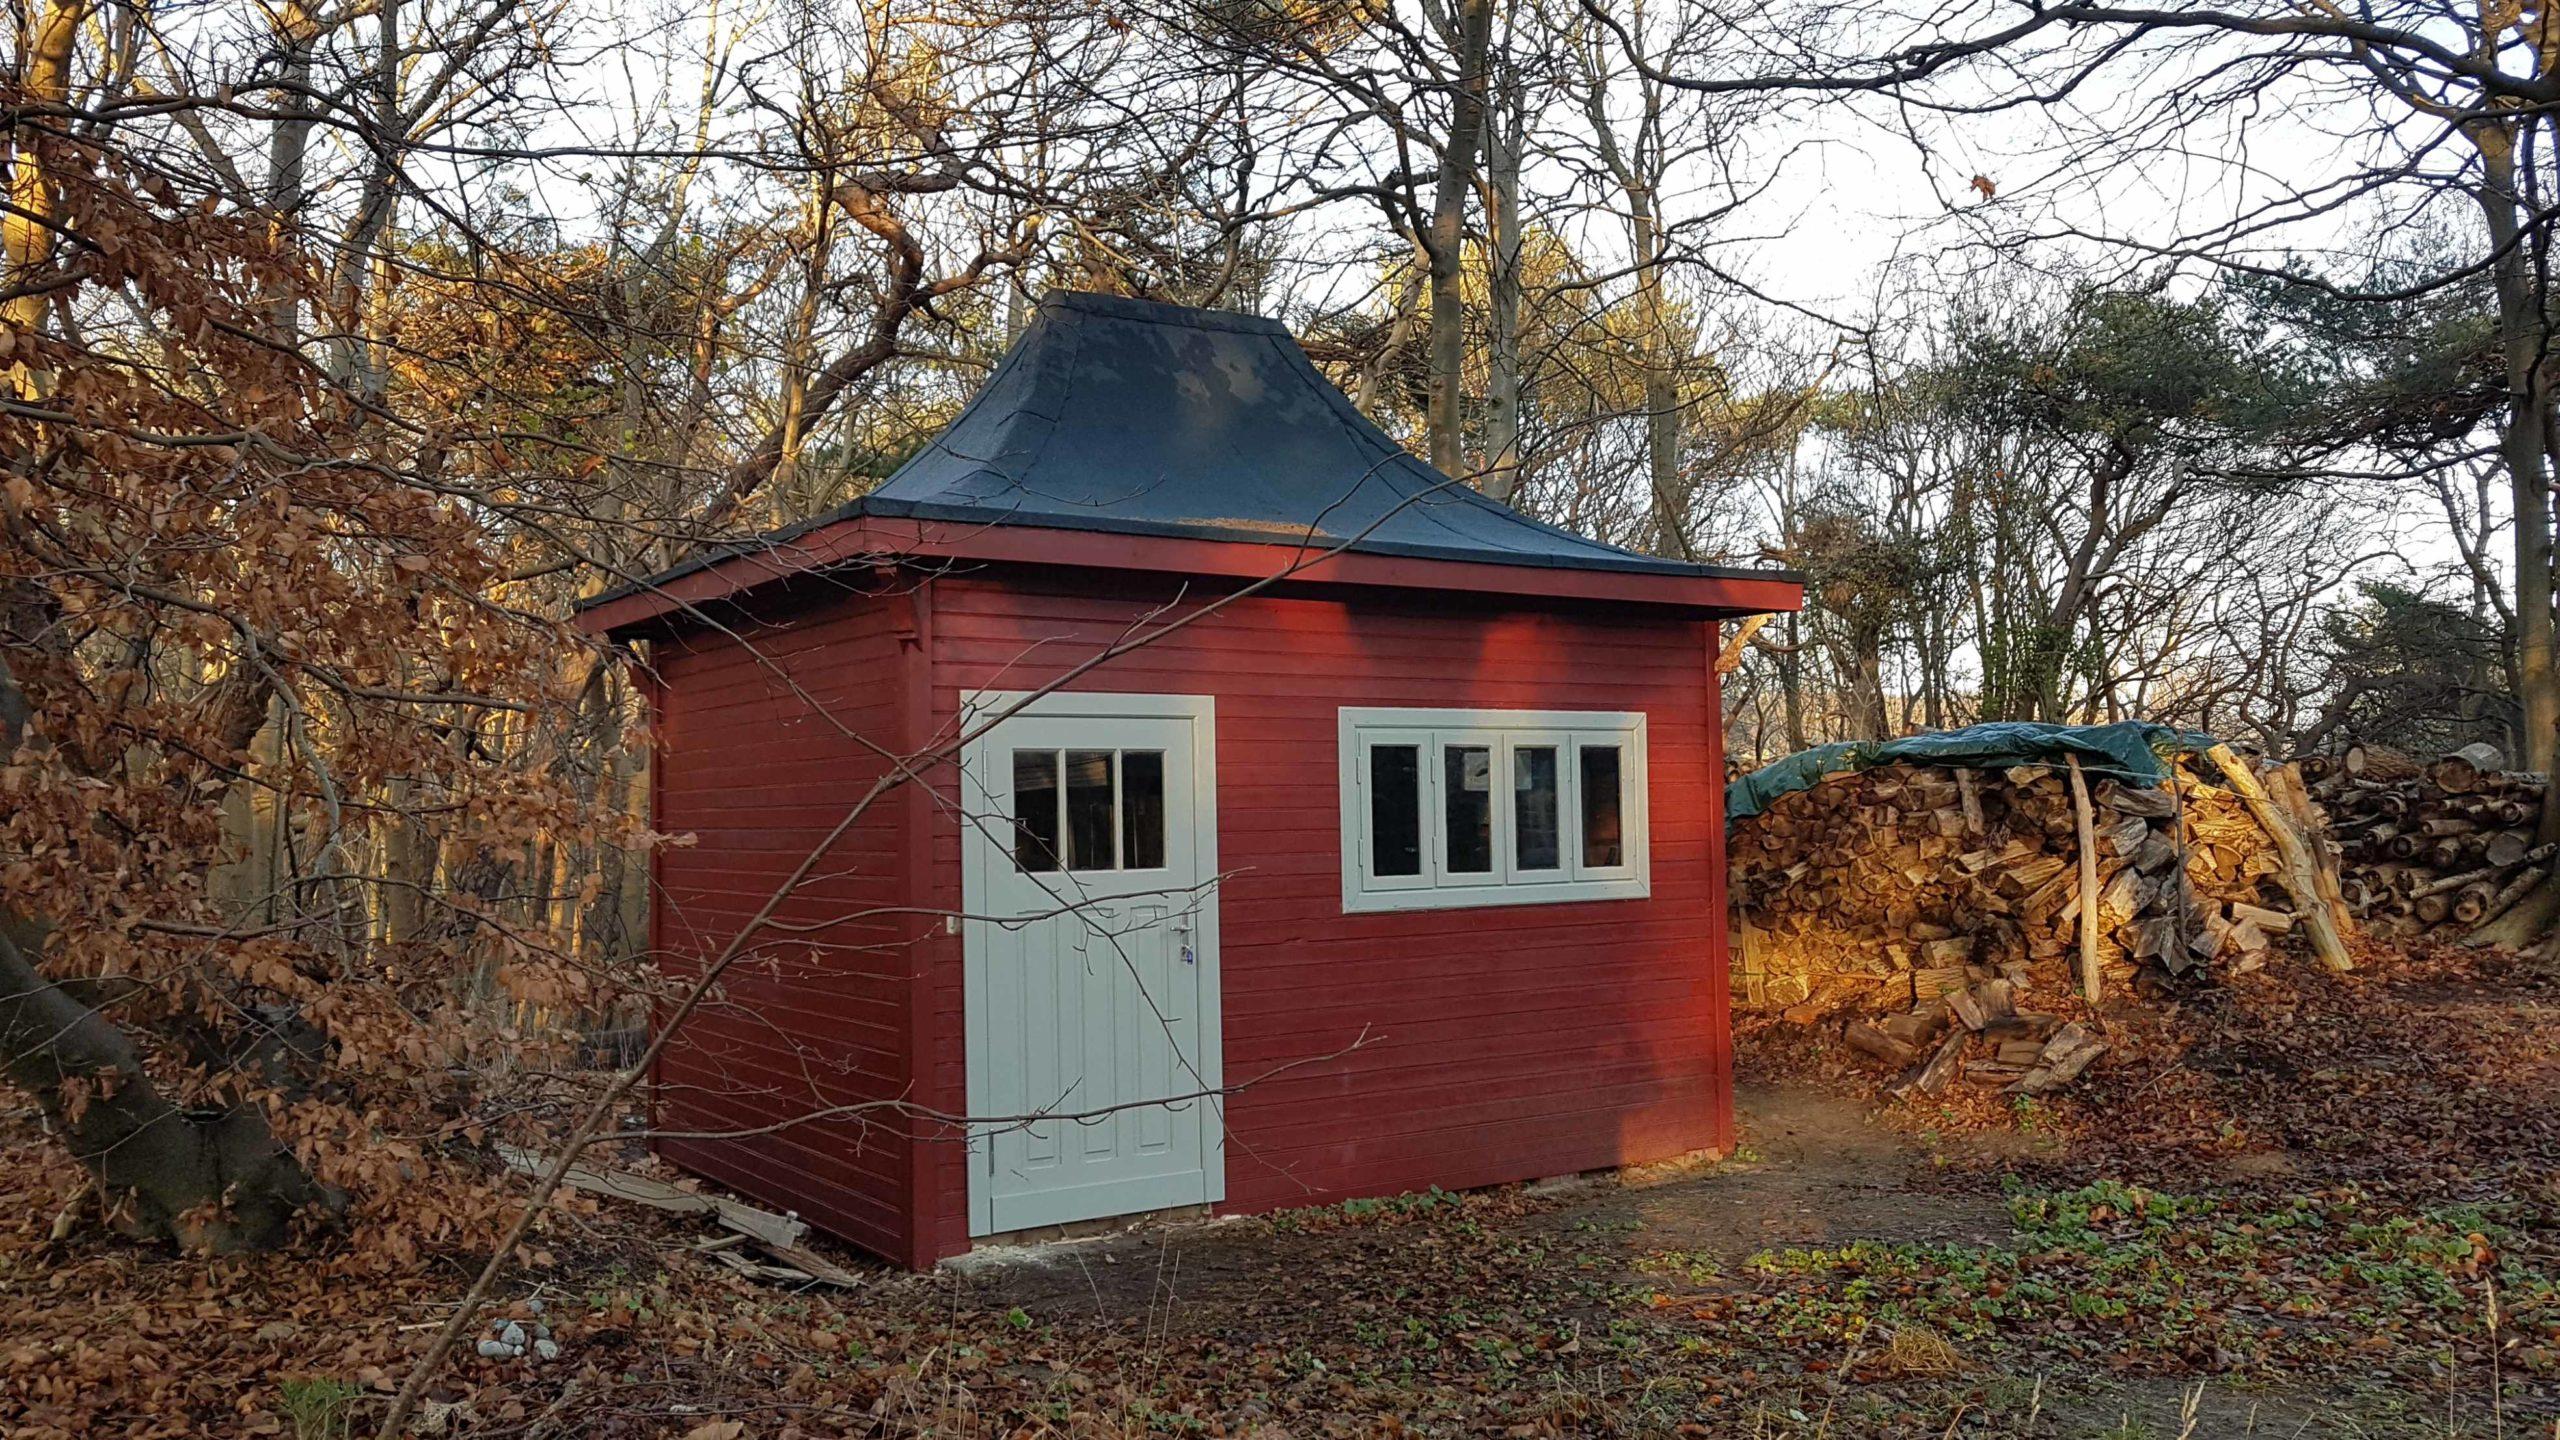 Lietzenburg Hütte1 19.12.2020